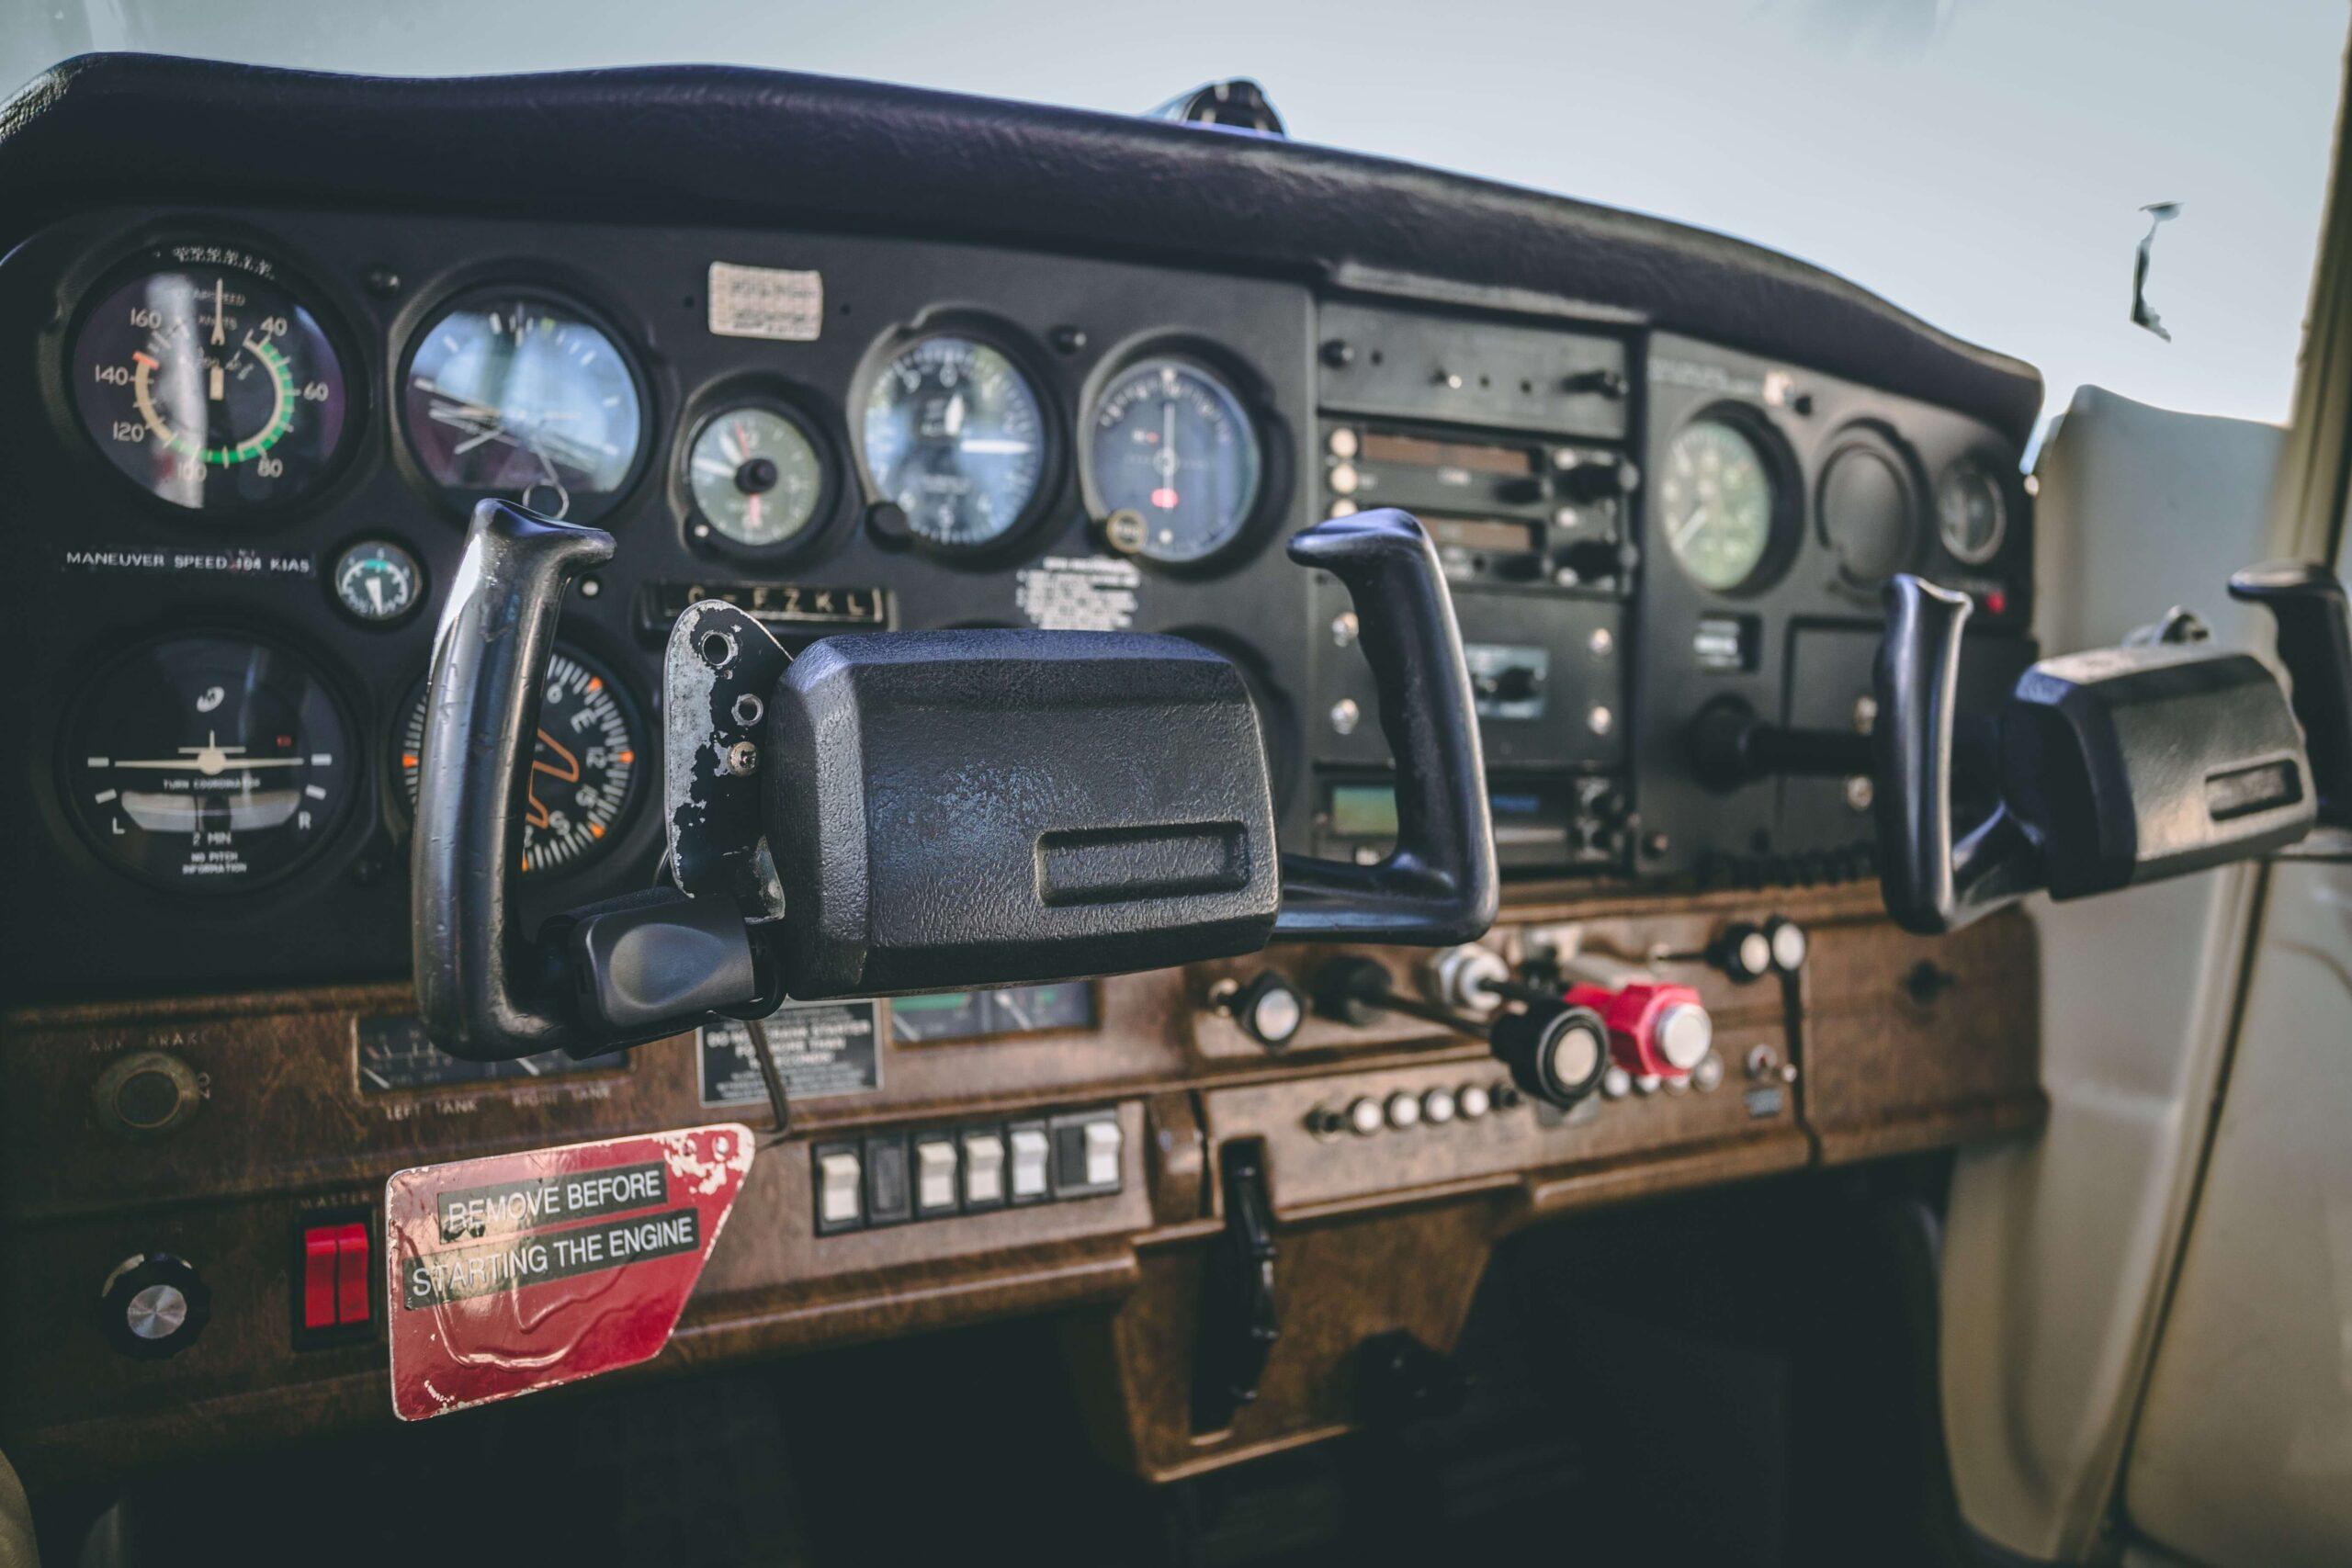 Pilot Uddannelse. Er Der Forskel På Flyve Skoler?